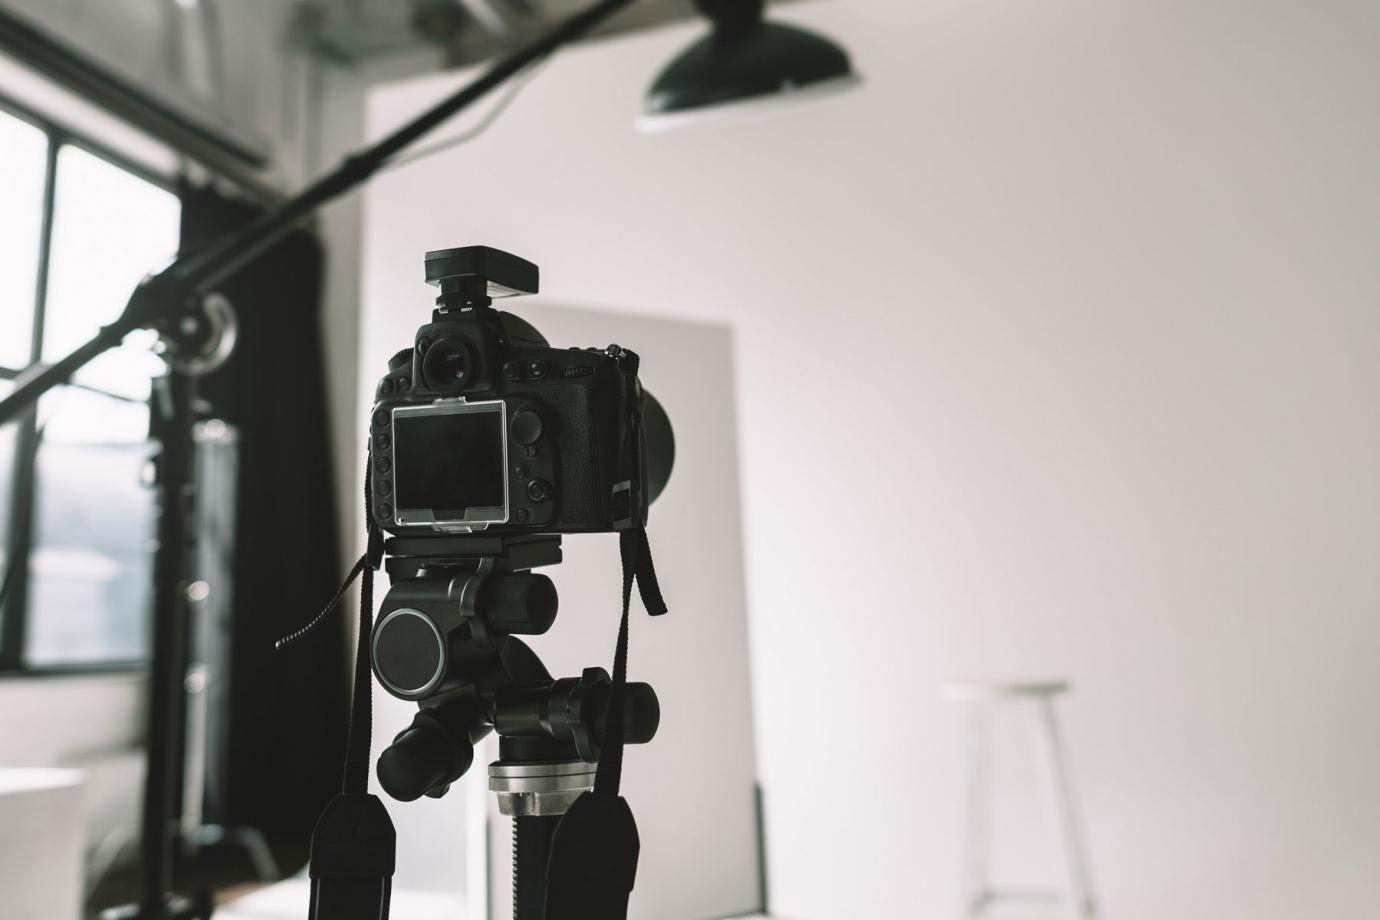 приспособление на фотоаппарат в студии оптимистичное пожелание